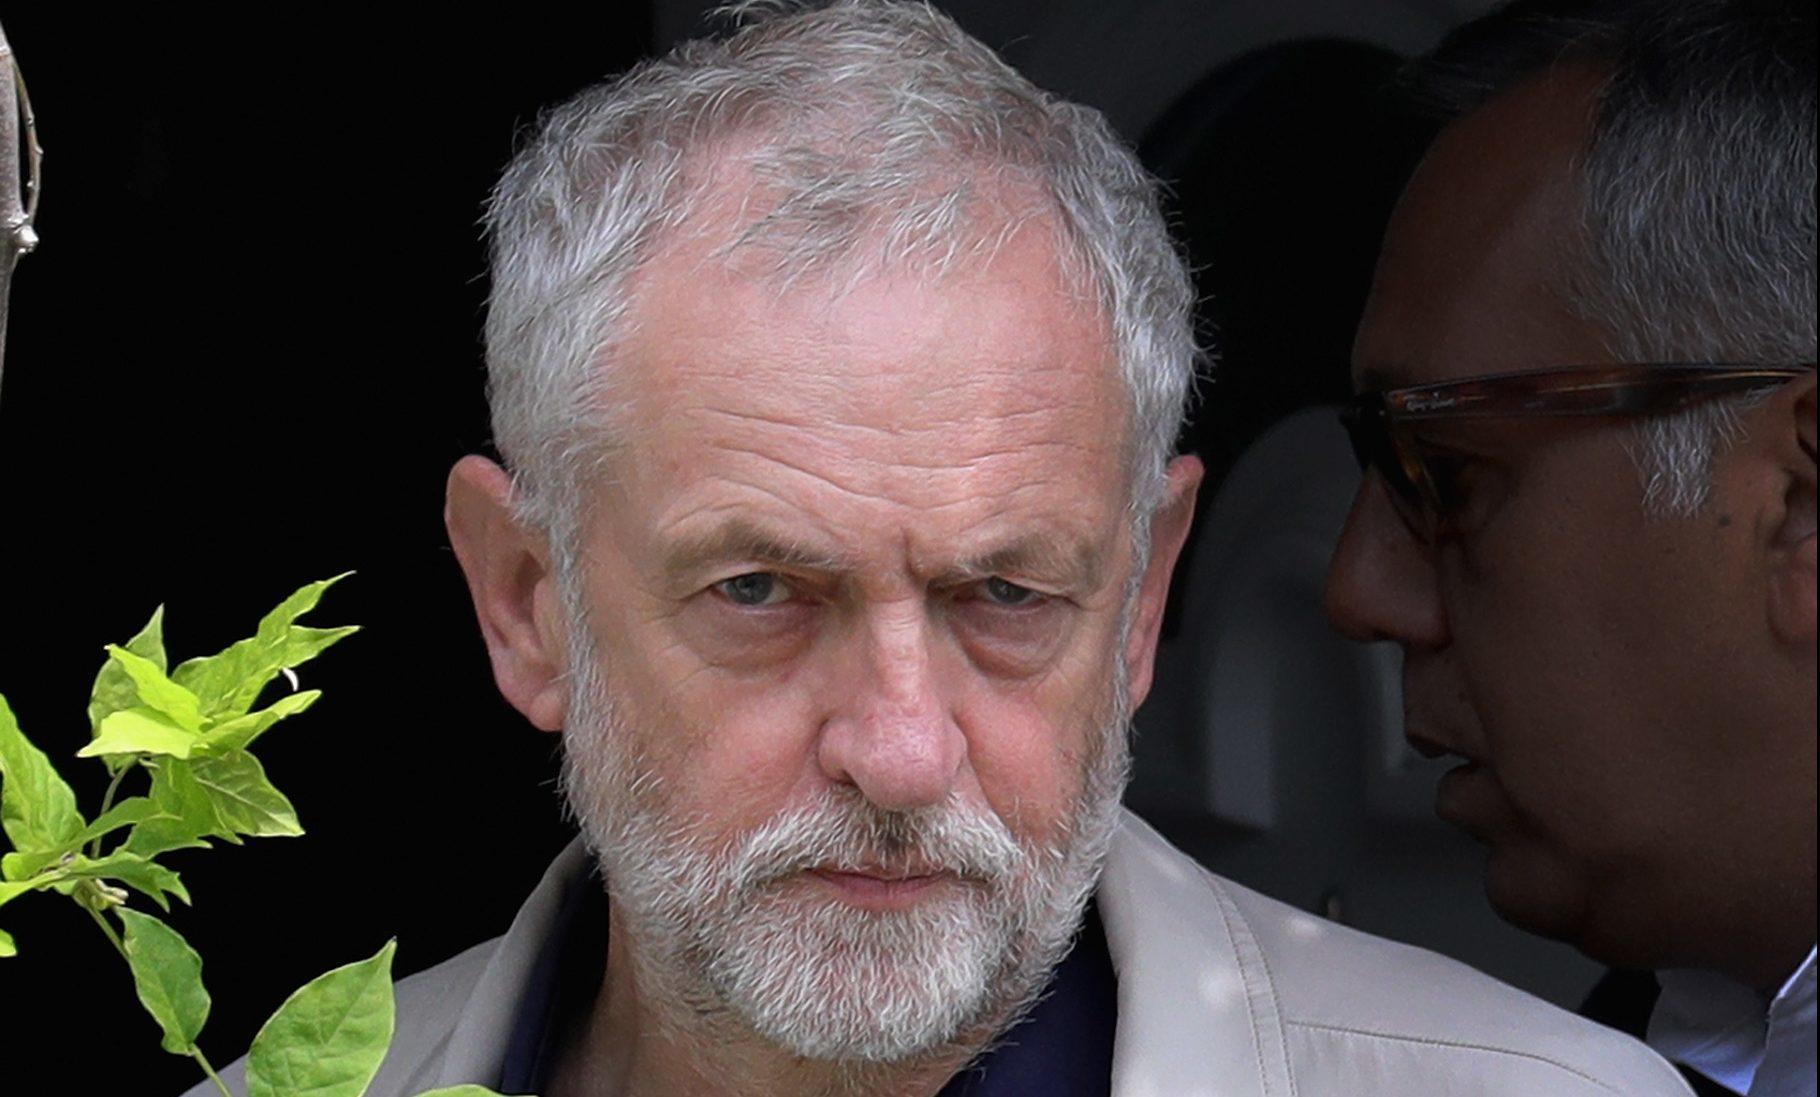 UK Labour Leader Jeremy Corbyn